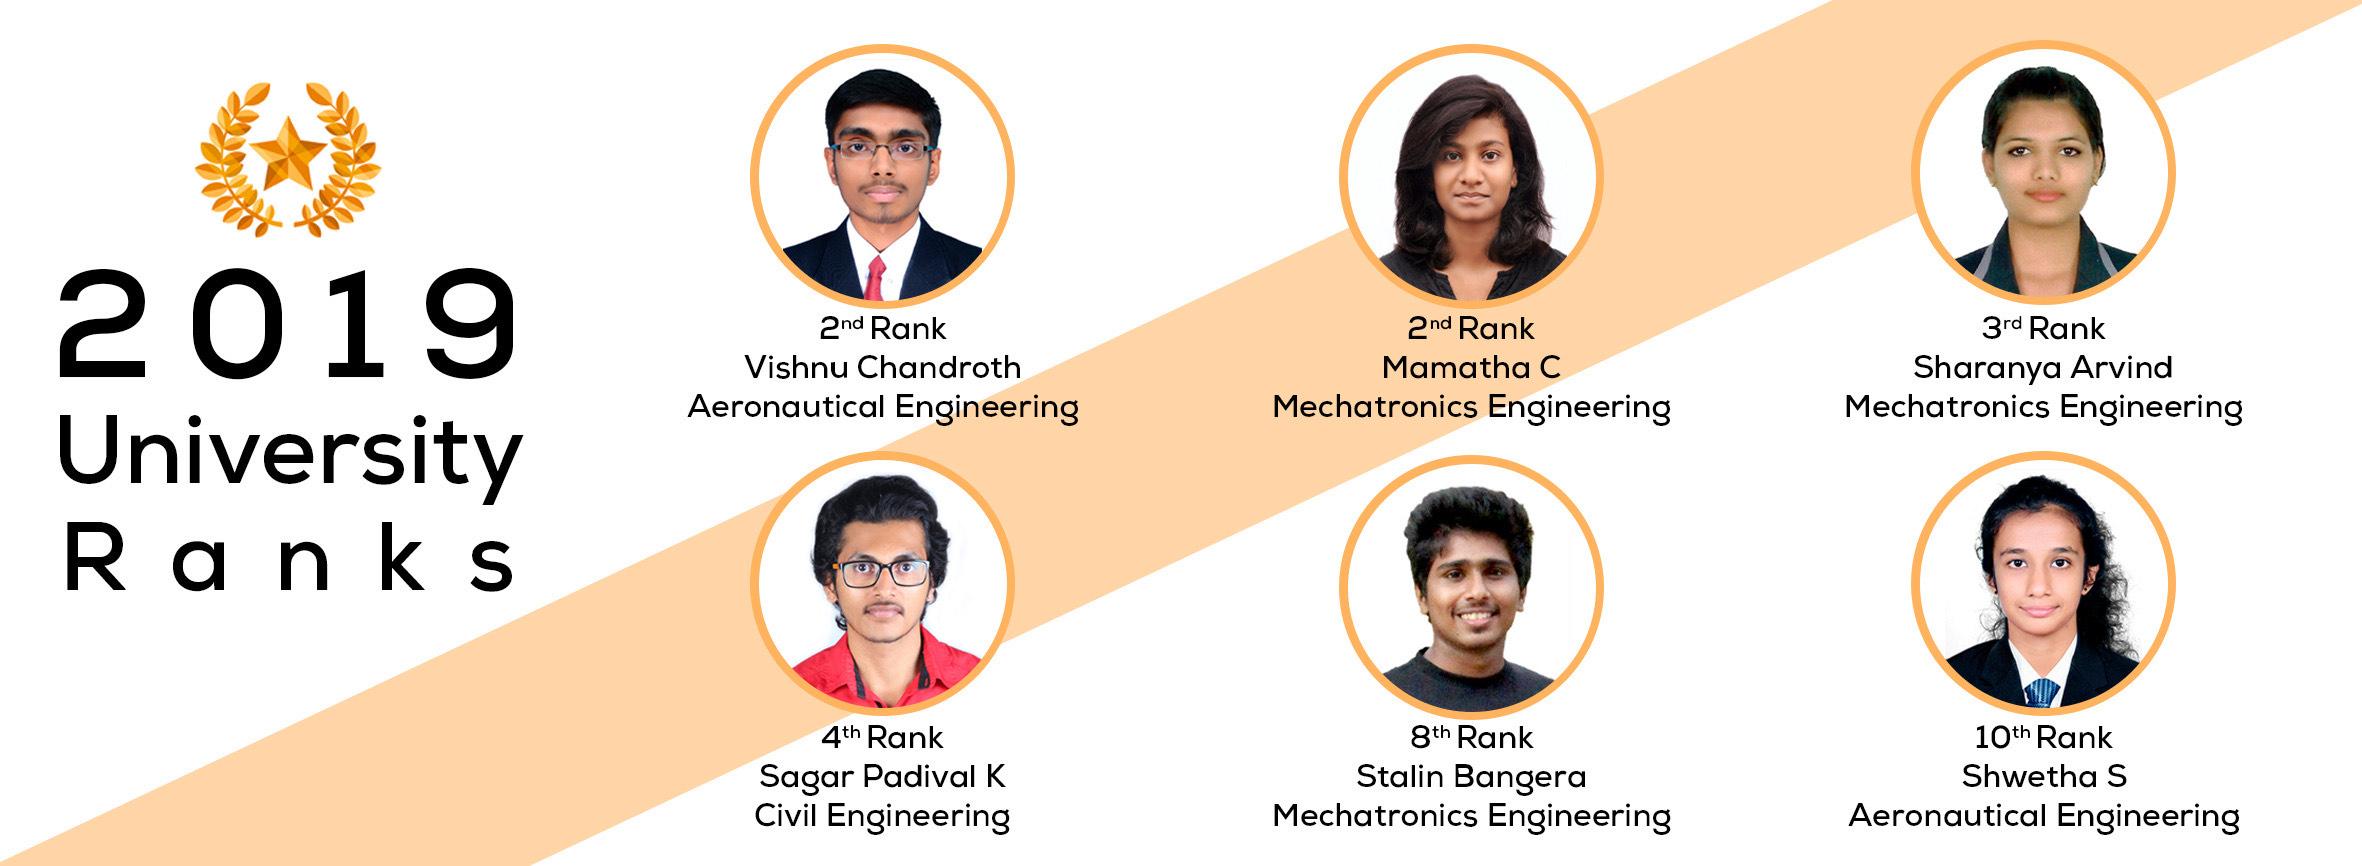 mite-2019-university-ranks